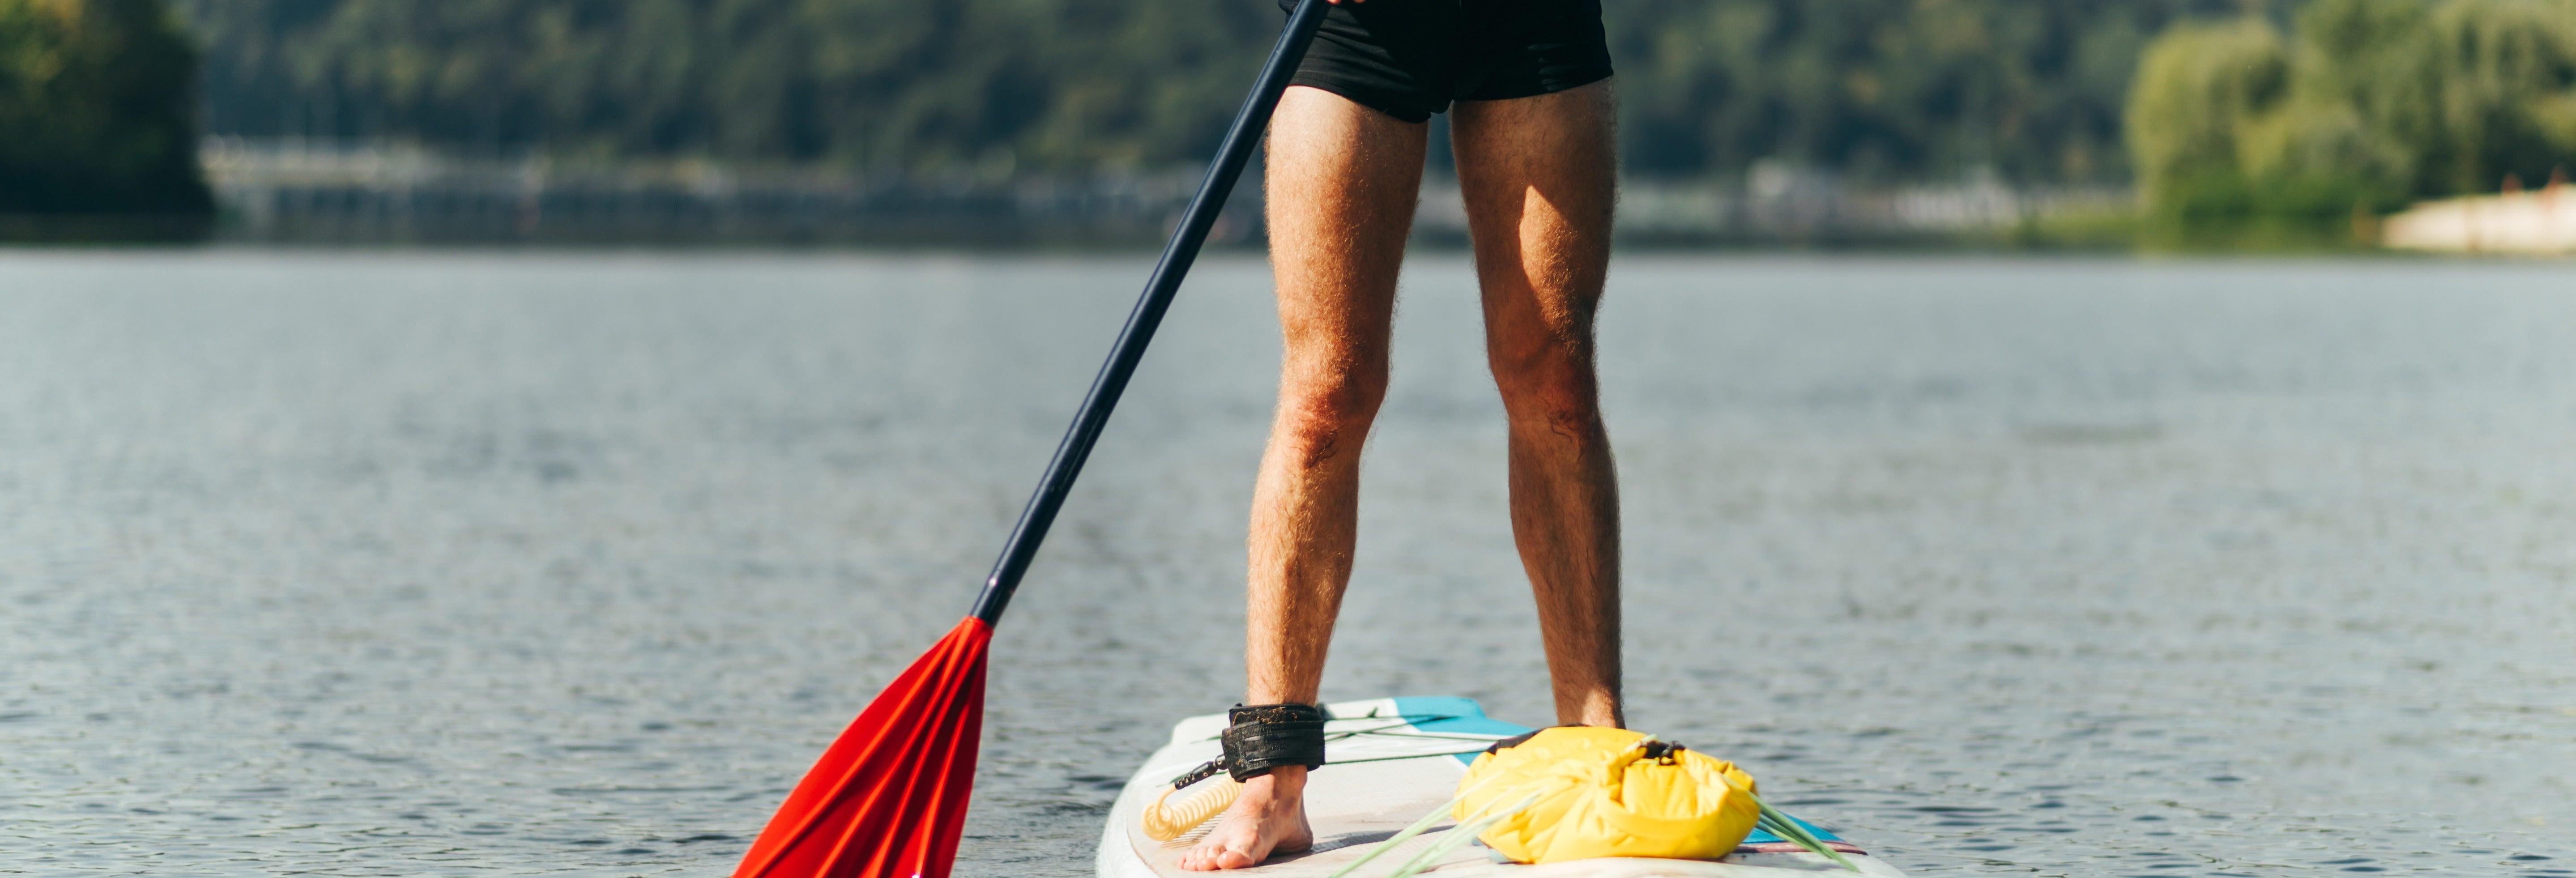 Curso de paddle surf en Caleta de Fuste